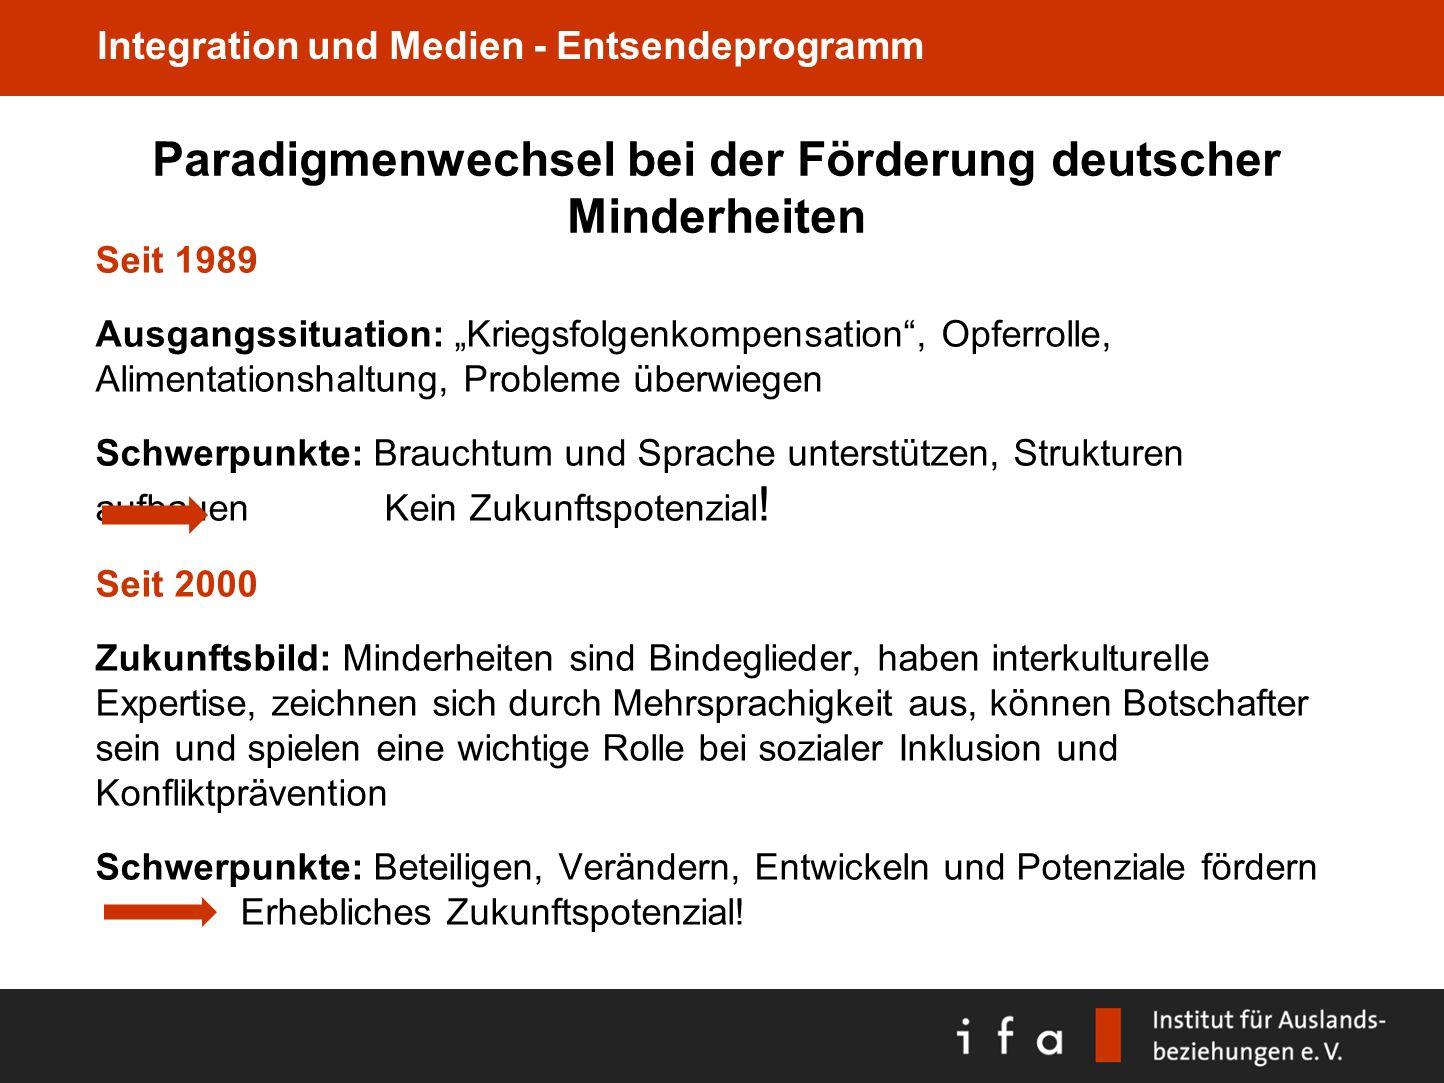 Paradigmenwechsel bei der Förderung deutscher Minderheiten